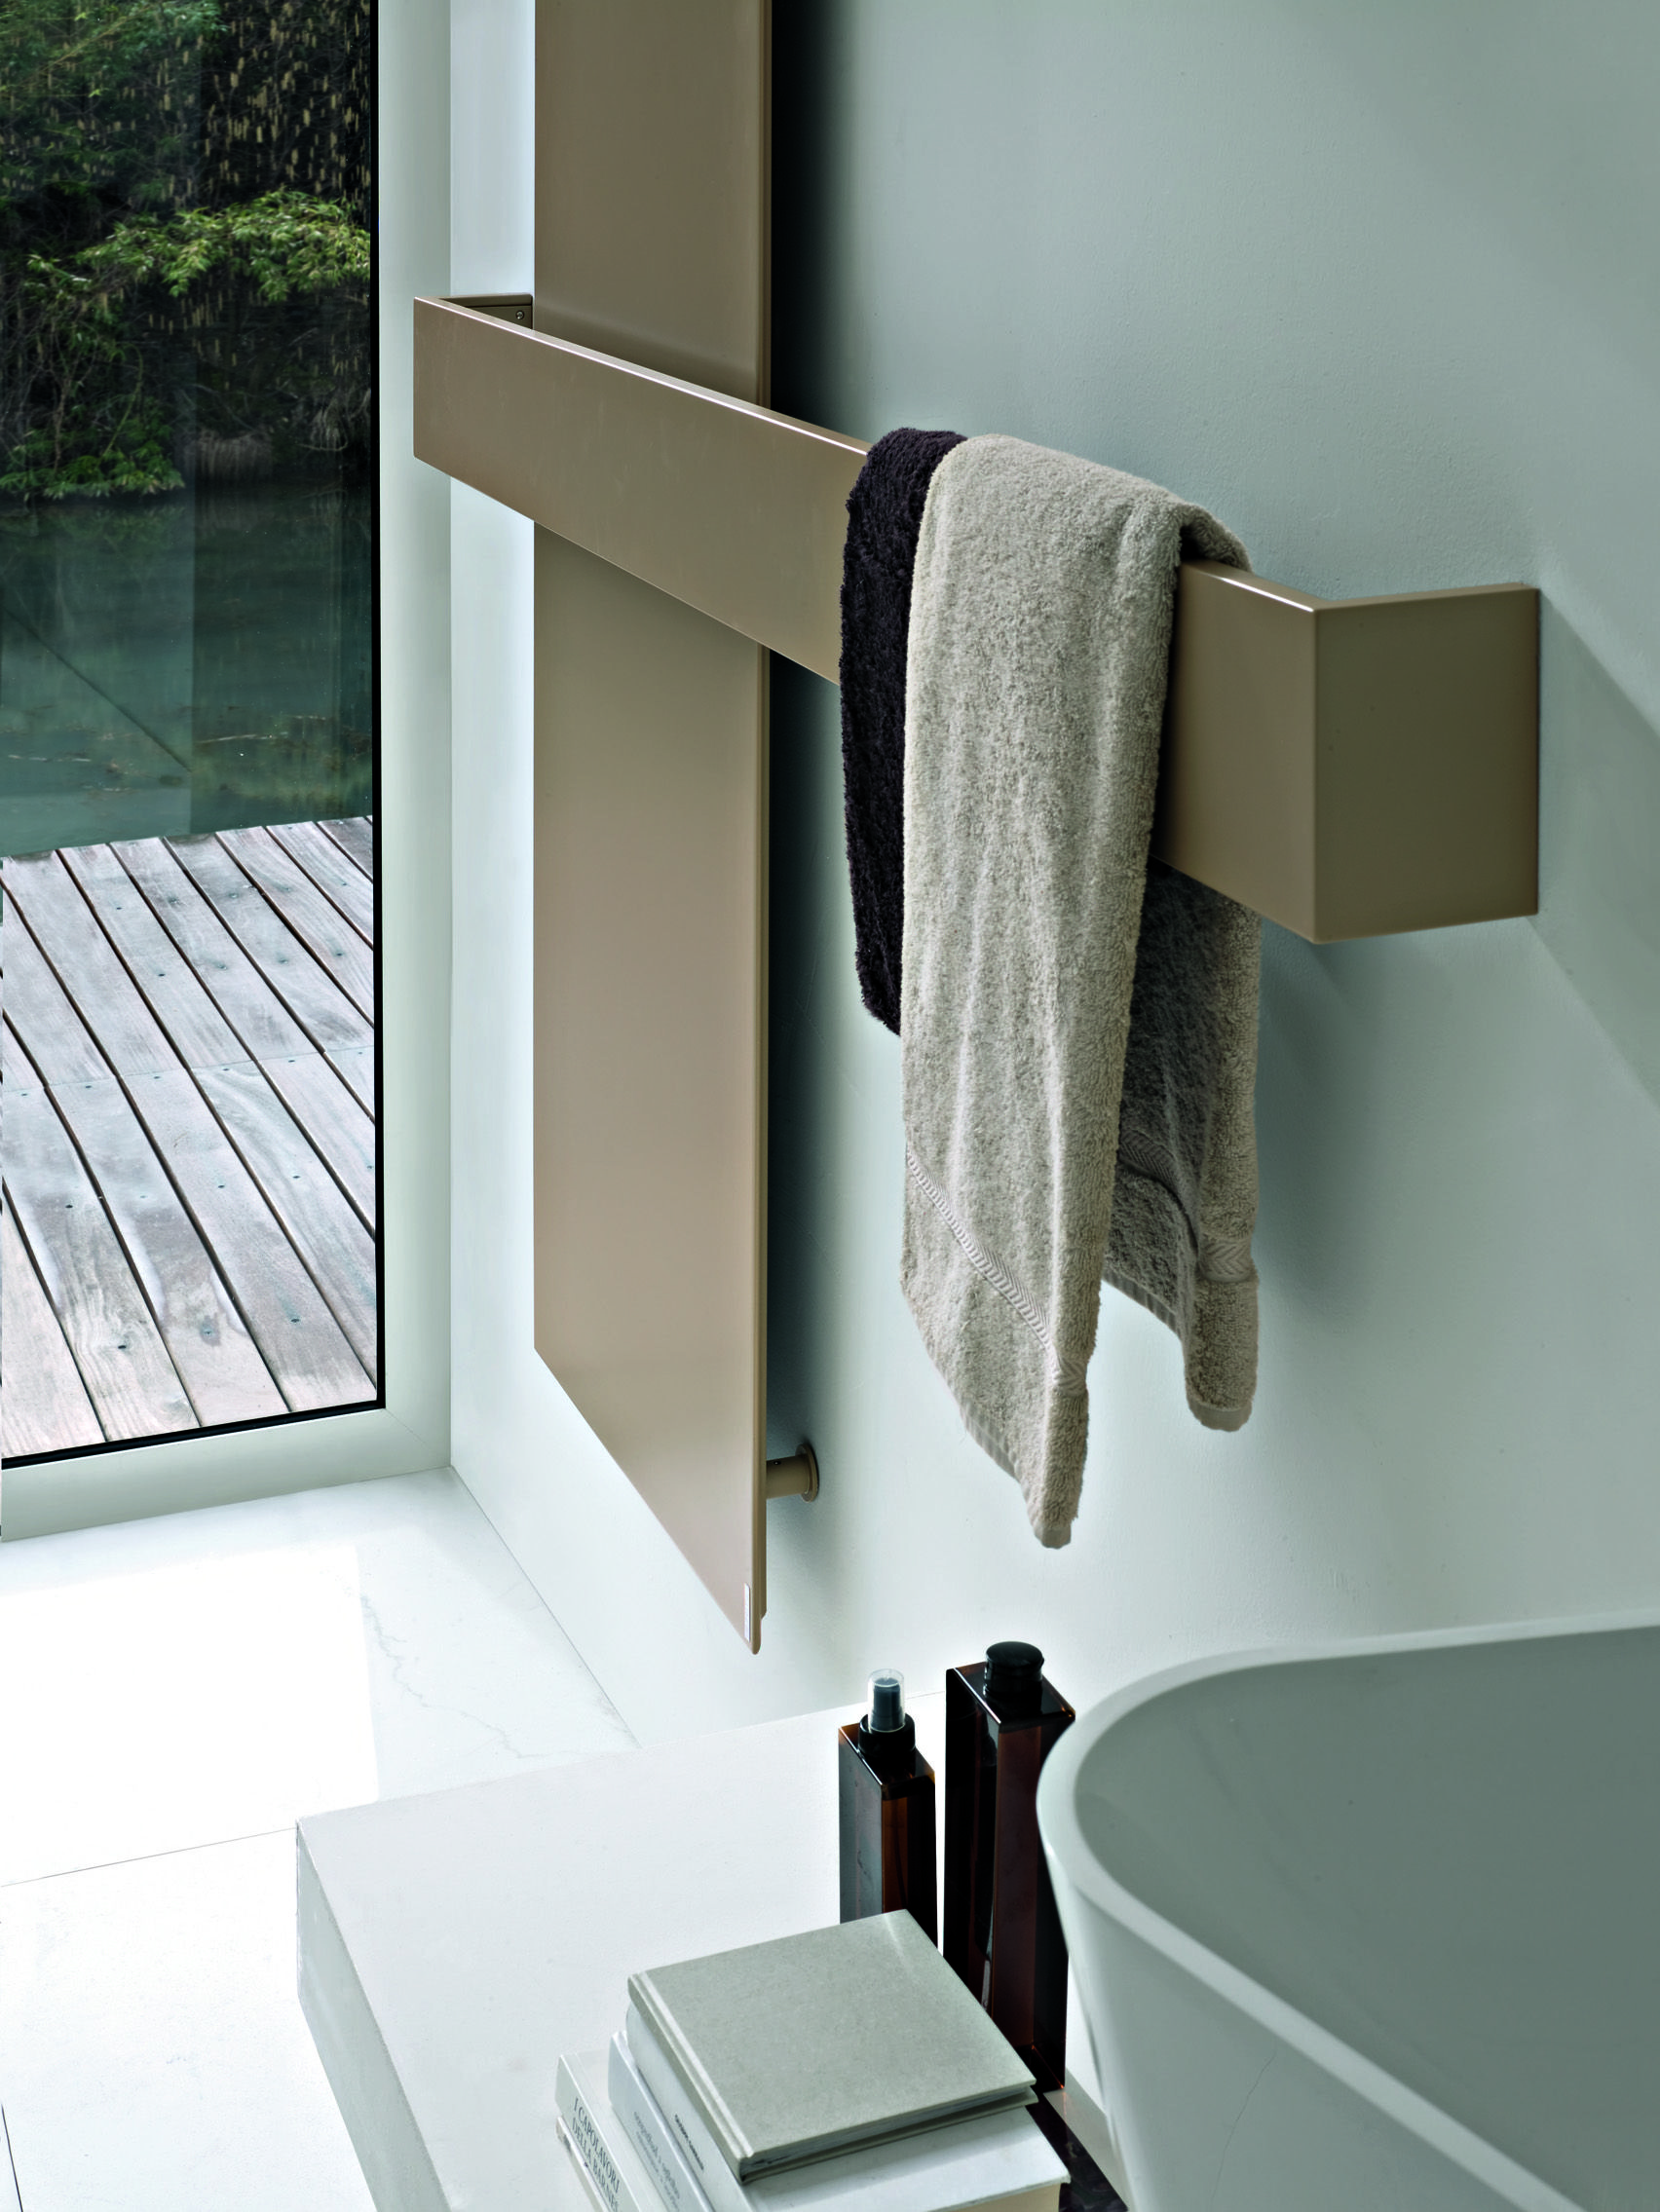 Cute Die besten Elektroheizk rper bad Ideen auf Pinterest Elektroheizk rper Beheizbare Handtuchstange und Badezimmer mit dusche